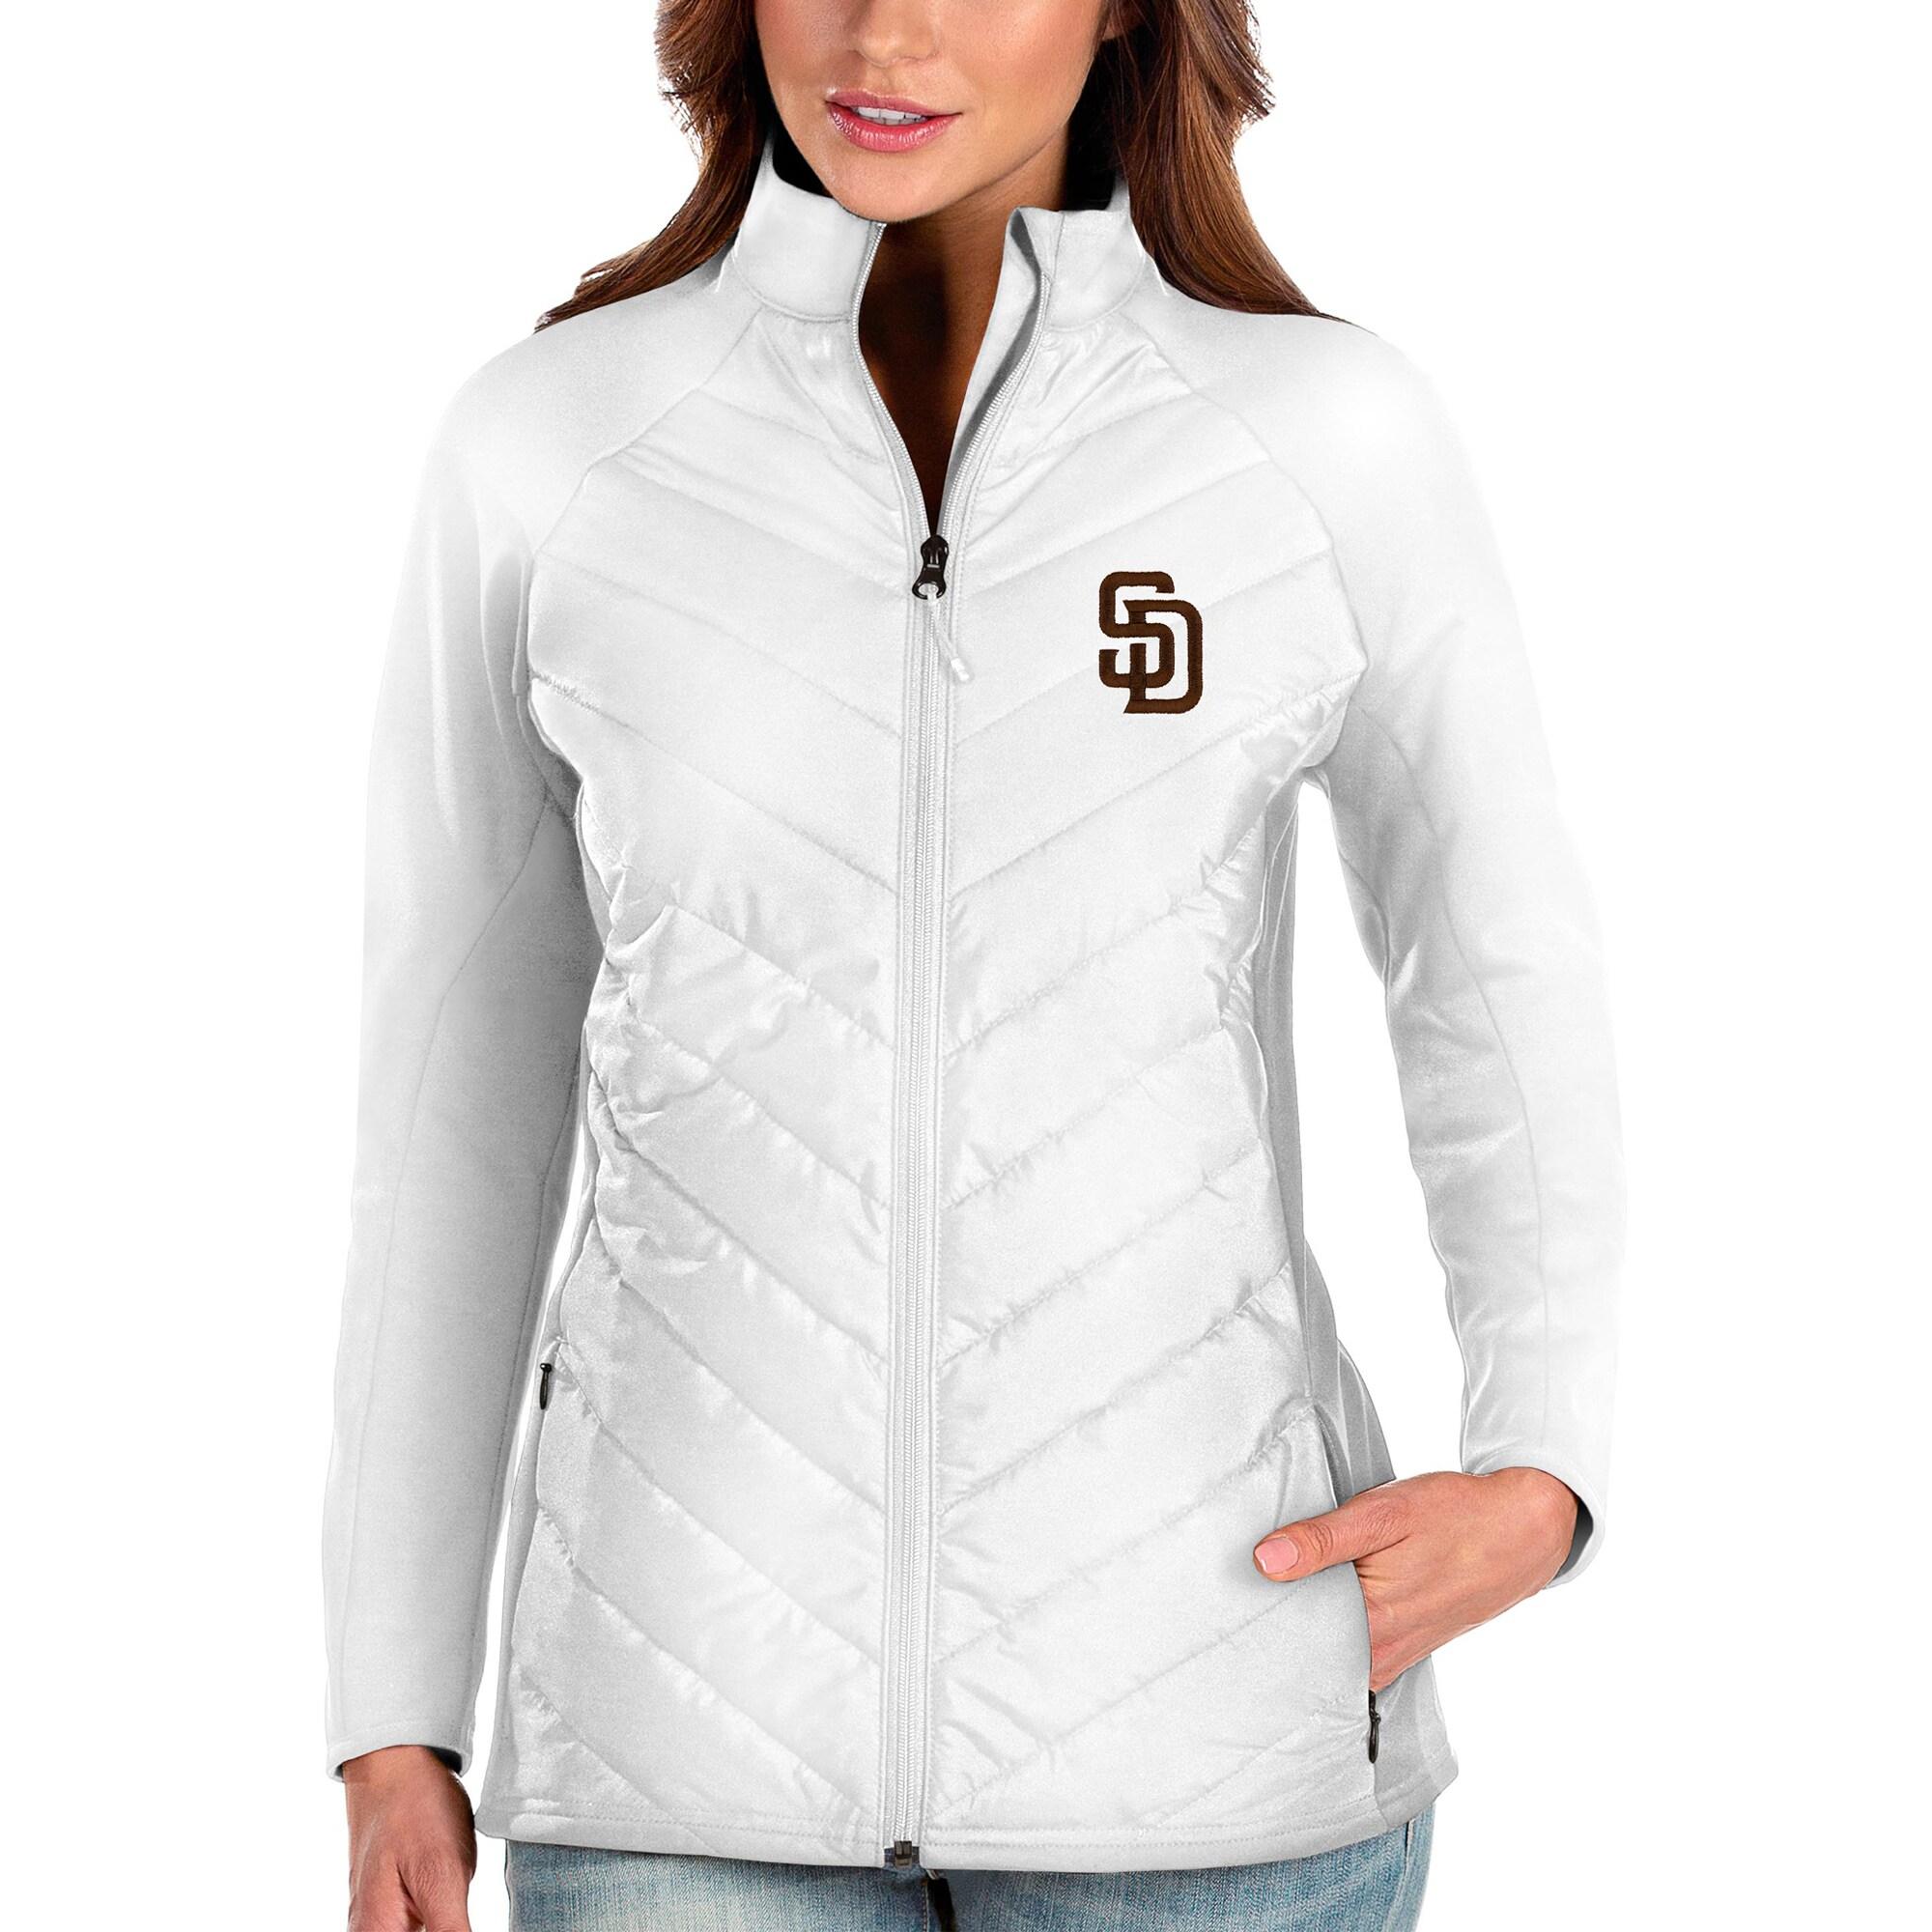 San Diego Padres Antigua Women's Altitude Full-Zip Jacket - White